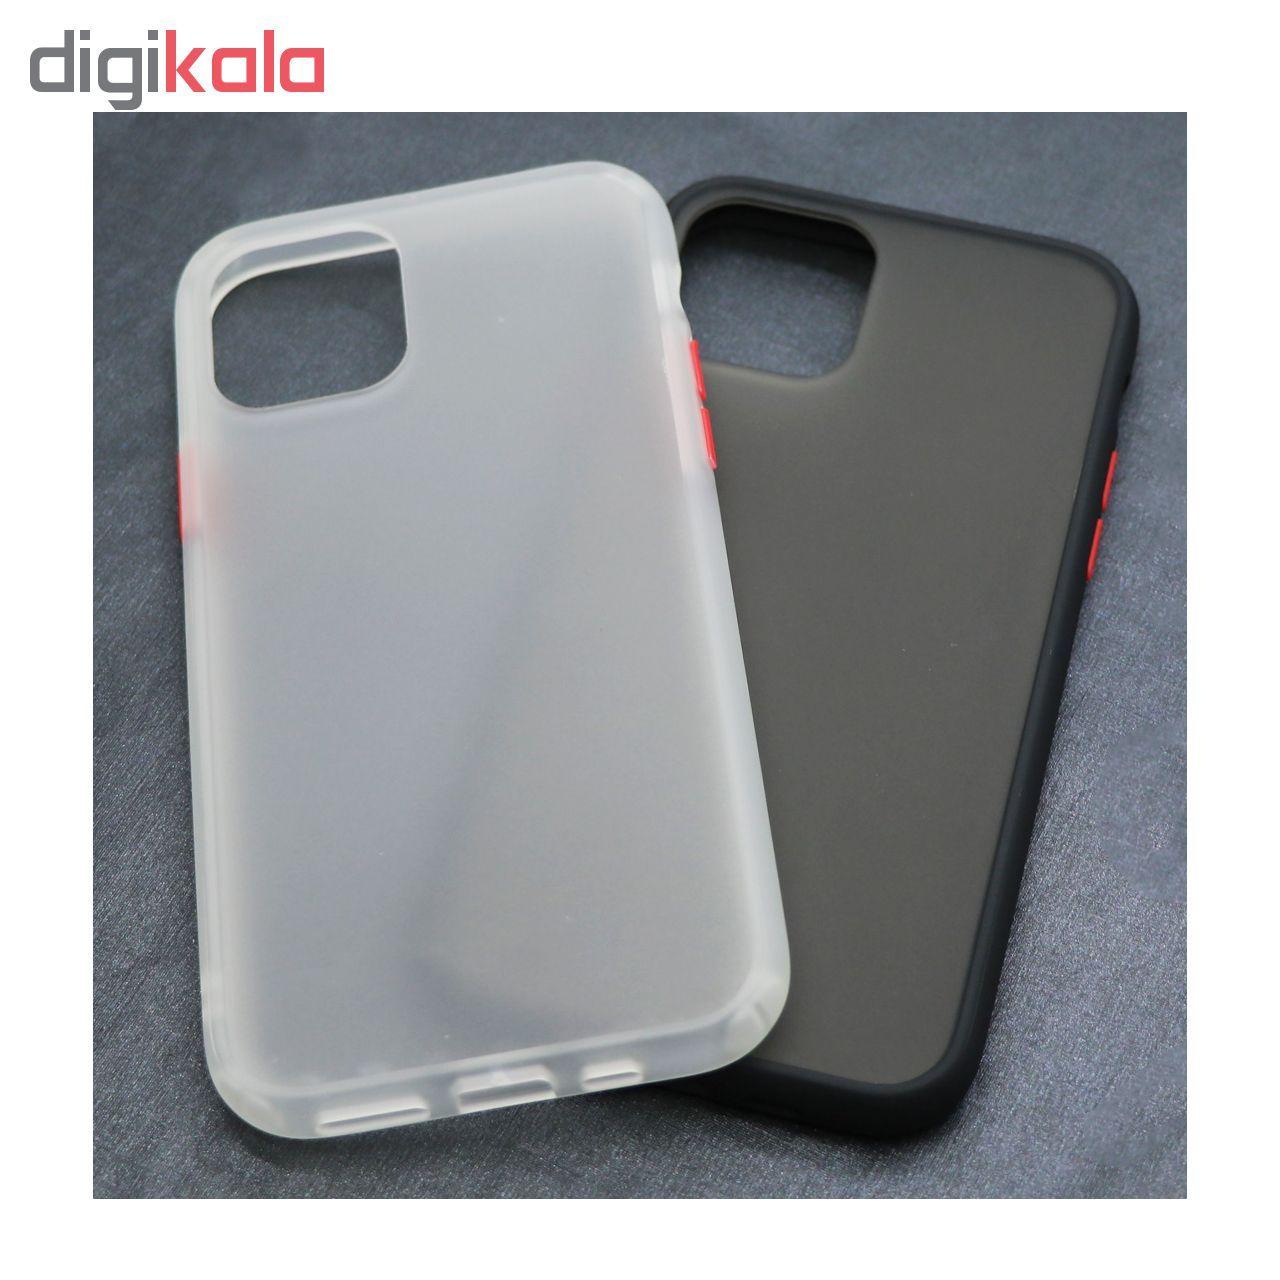 کاور مدل Sb-001 مناسب برای گوشی موبایل اپل Iphone 11 pro max  main 1 3